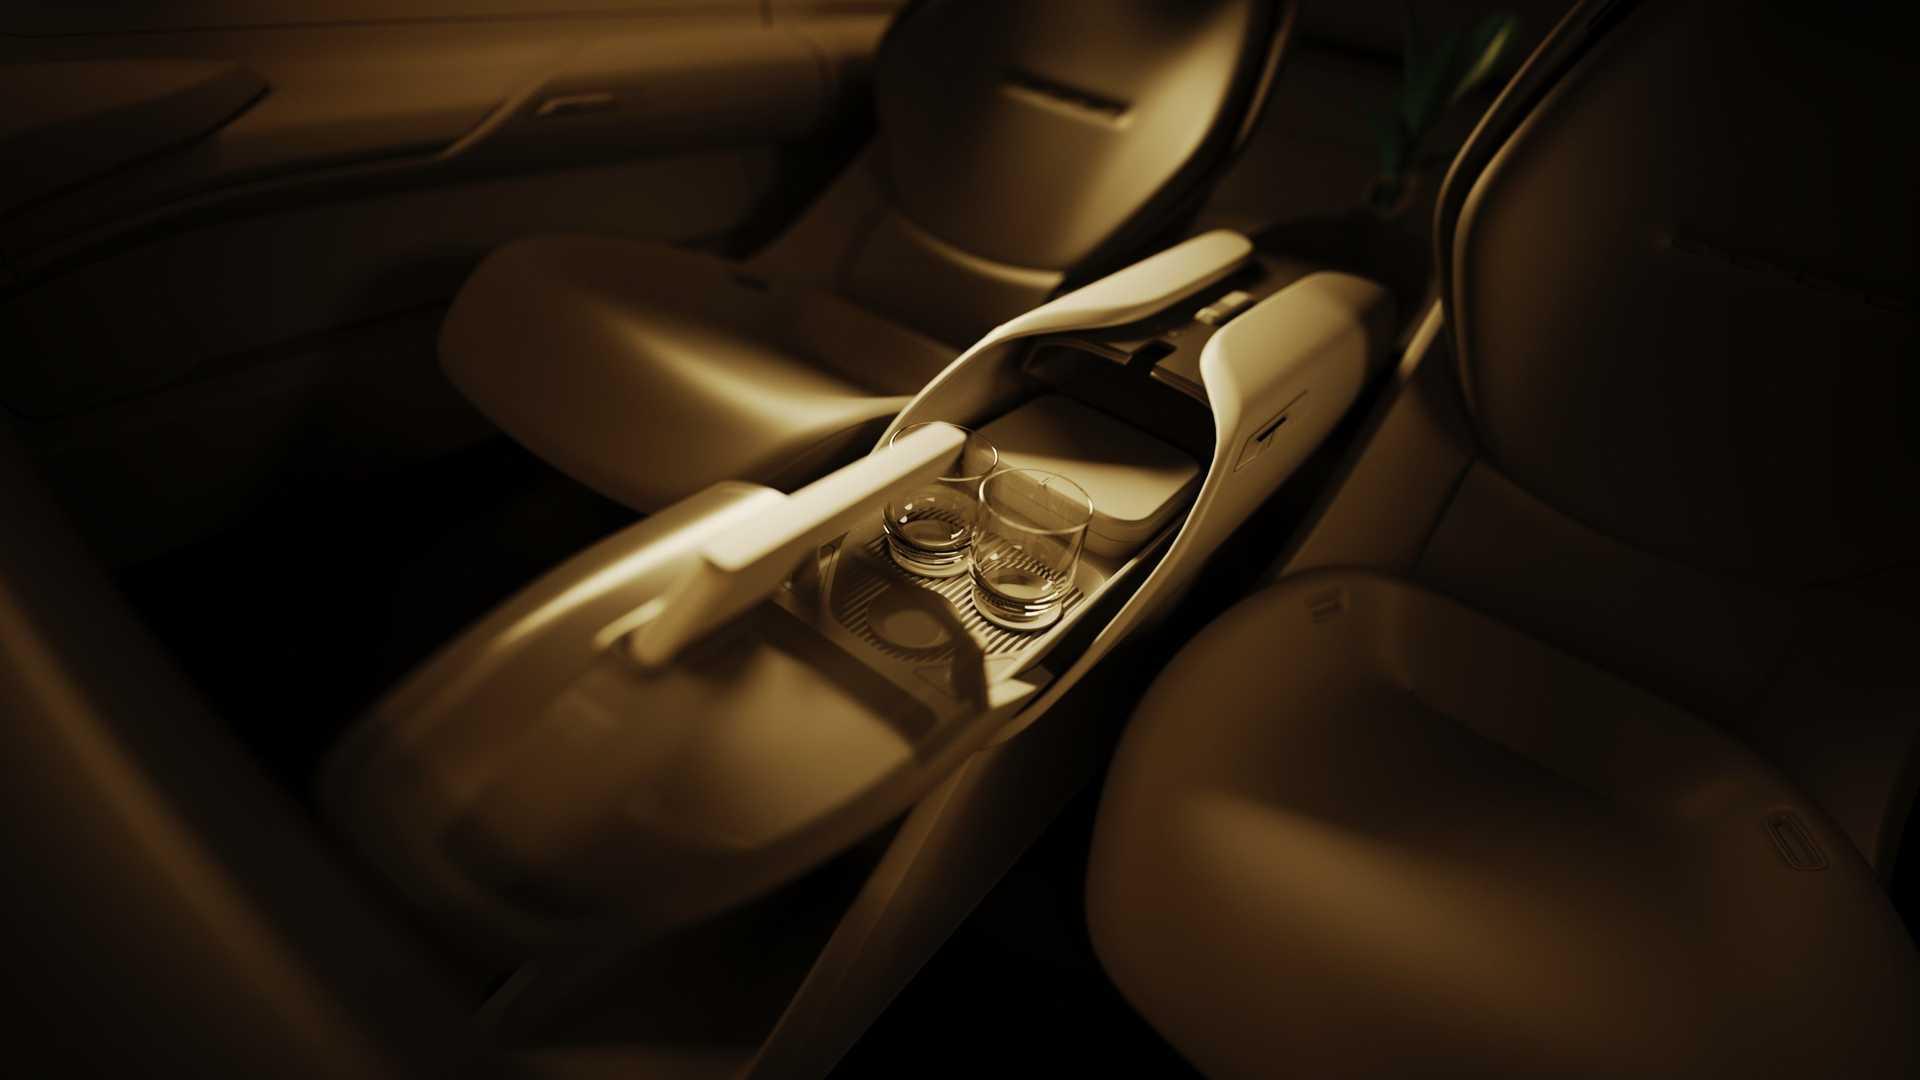 El Audi Grand Sphere Concept da gran protagonismo al habitáculo